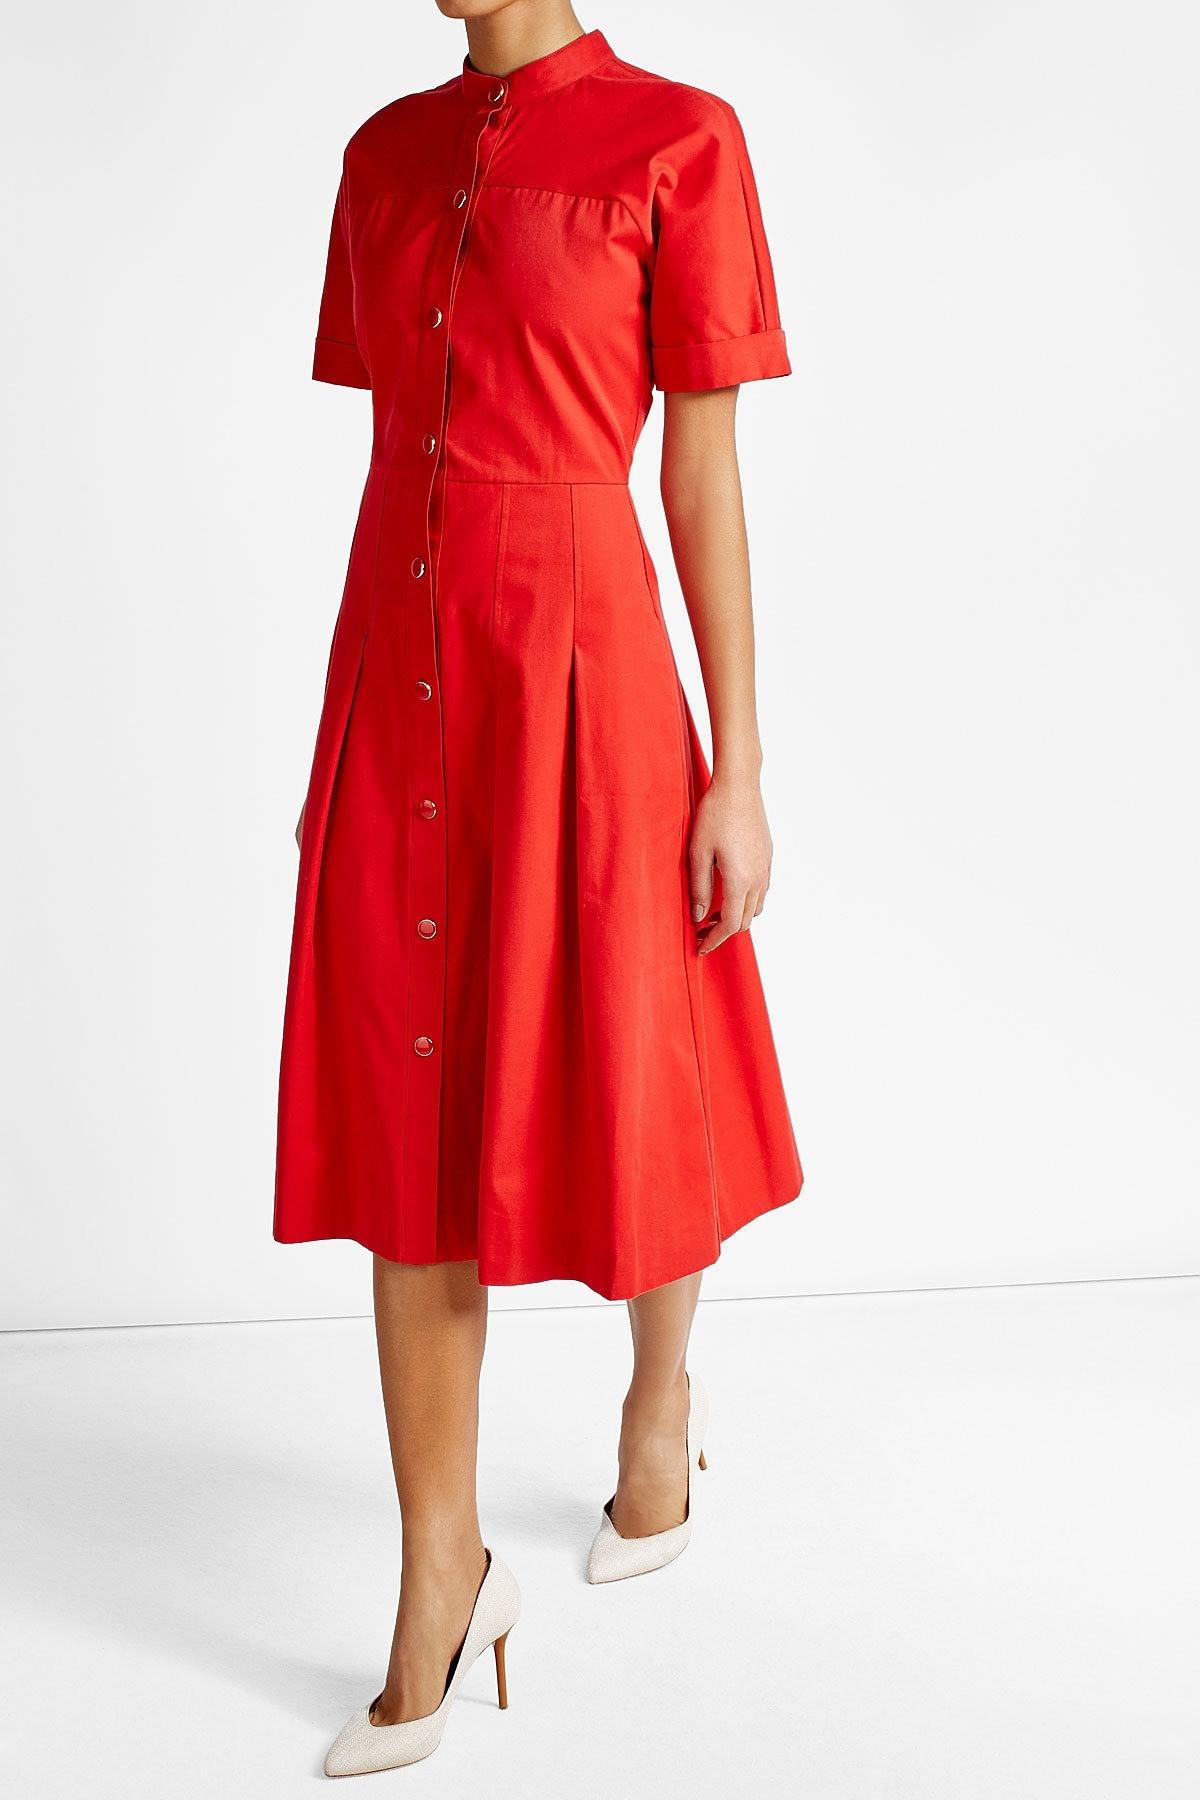 Formal Luxus Zara Damen Abendkleider Vertrieb20 Wunderbar Zara Damen Abendkleider Stylish